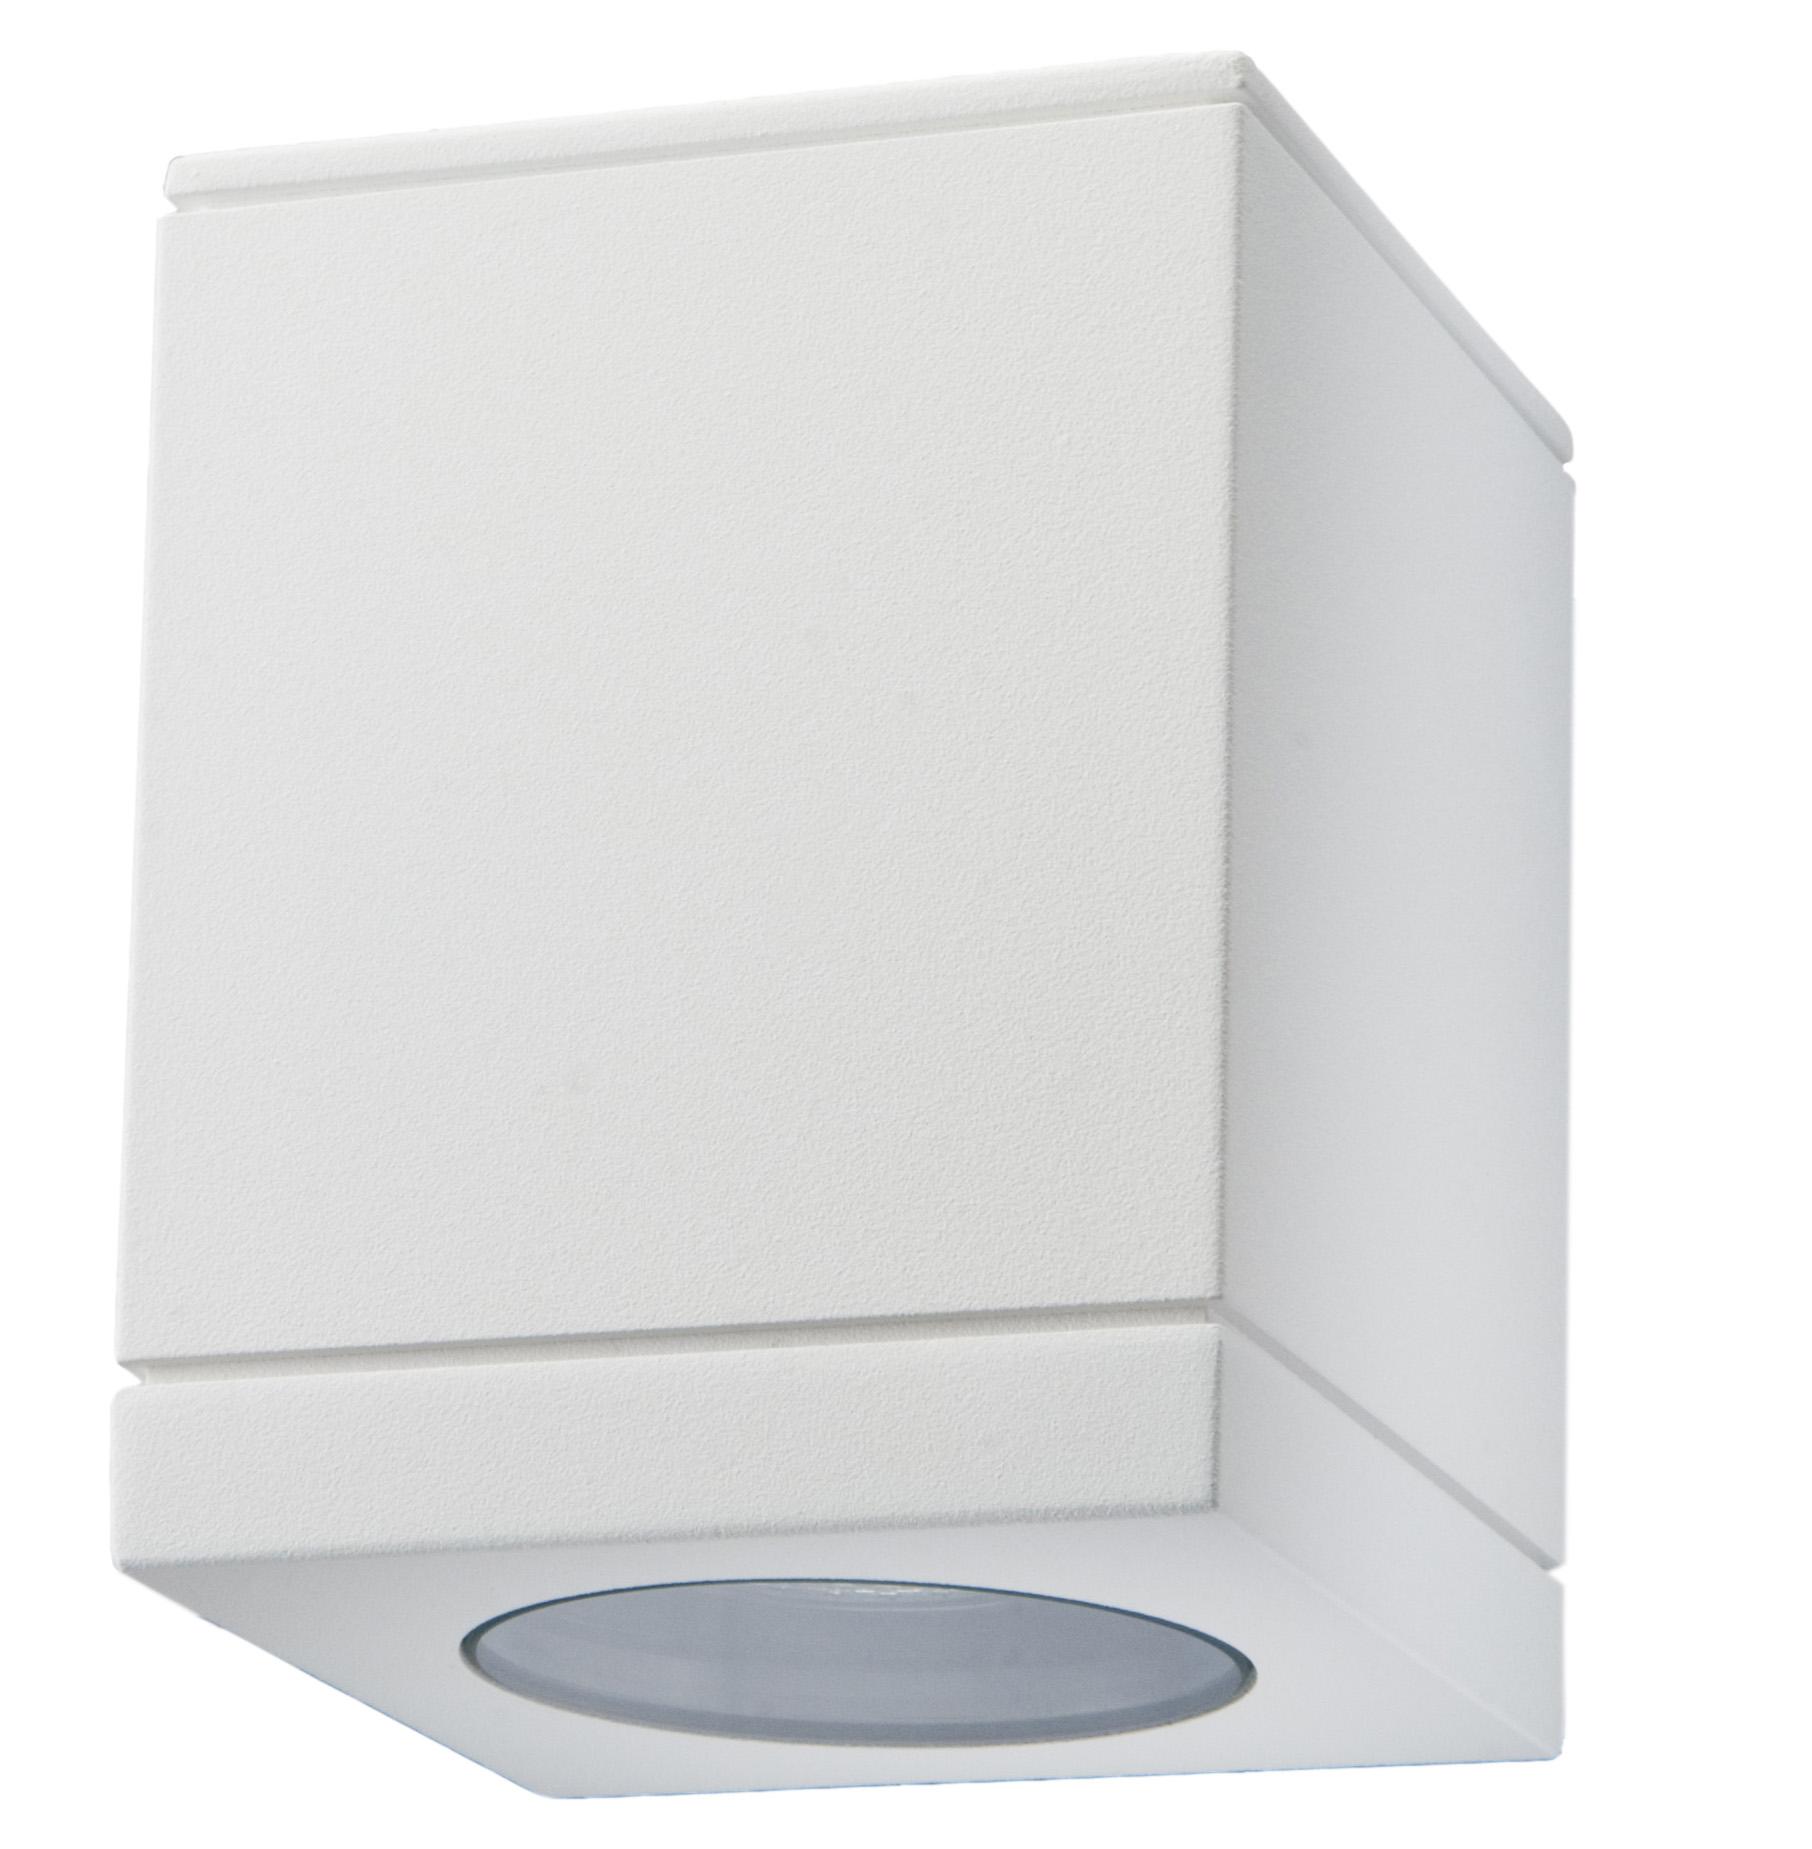 Plafondlamp SG lighting LED Metro wit